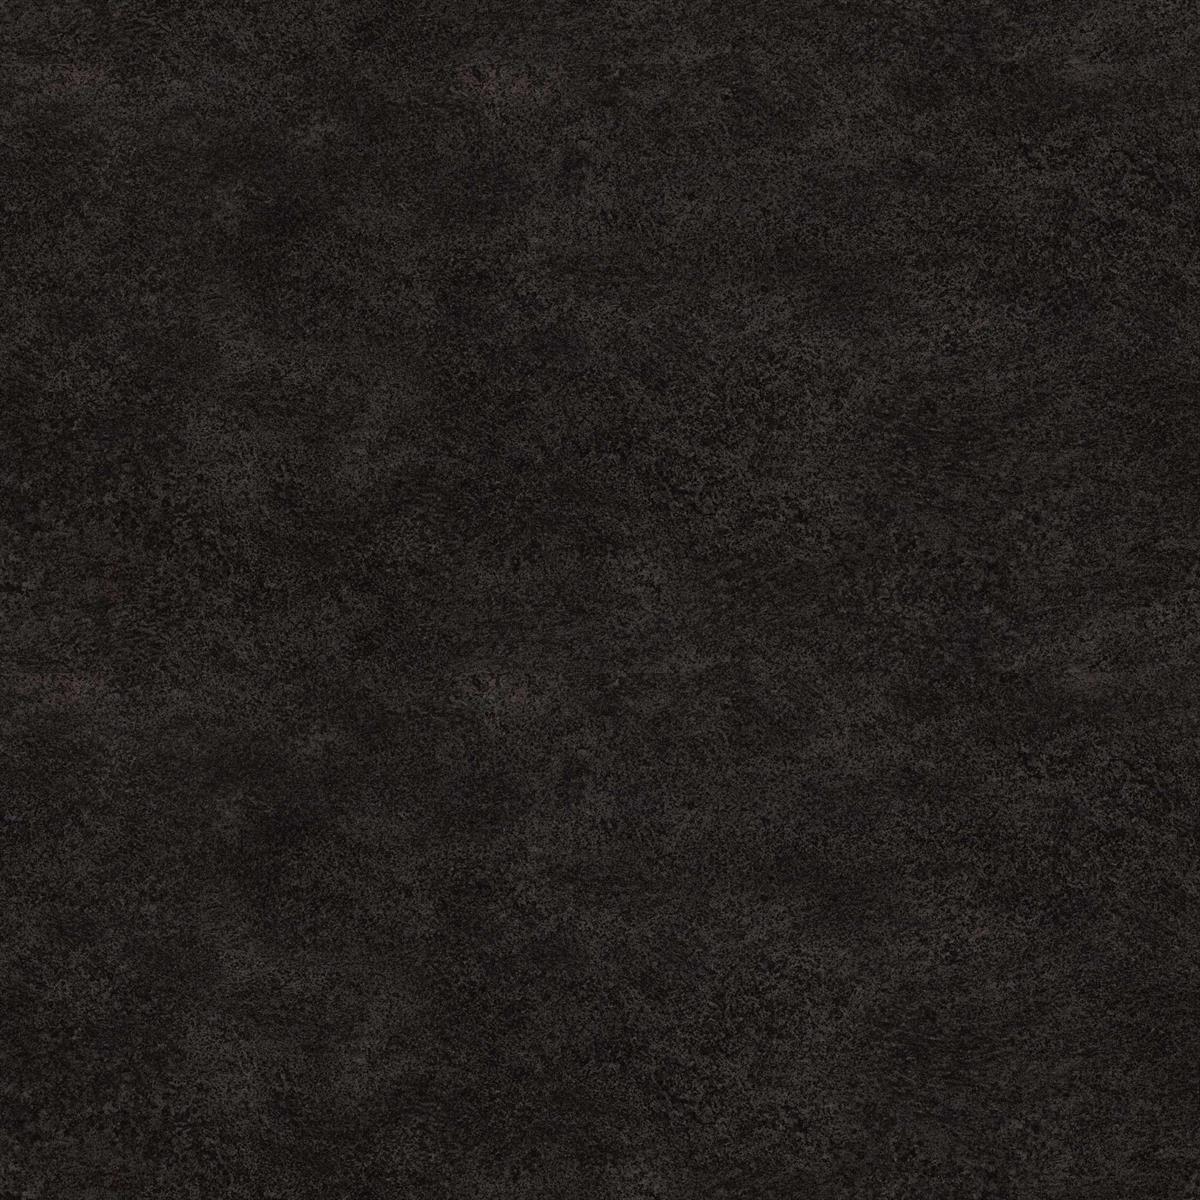 Egger contemporary   black granite   a unique choice